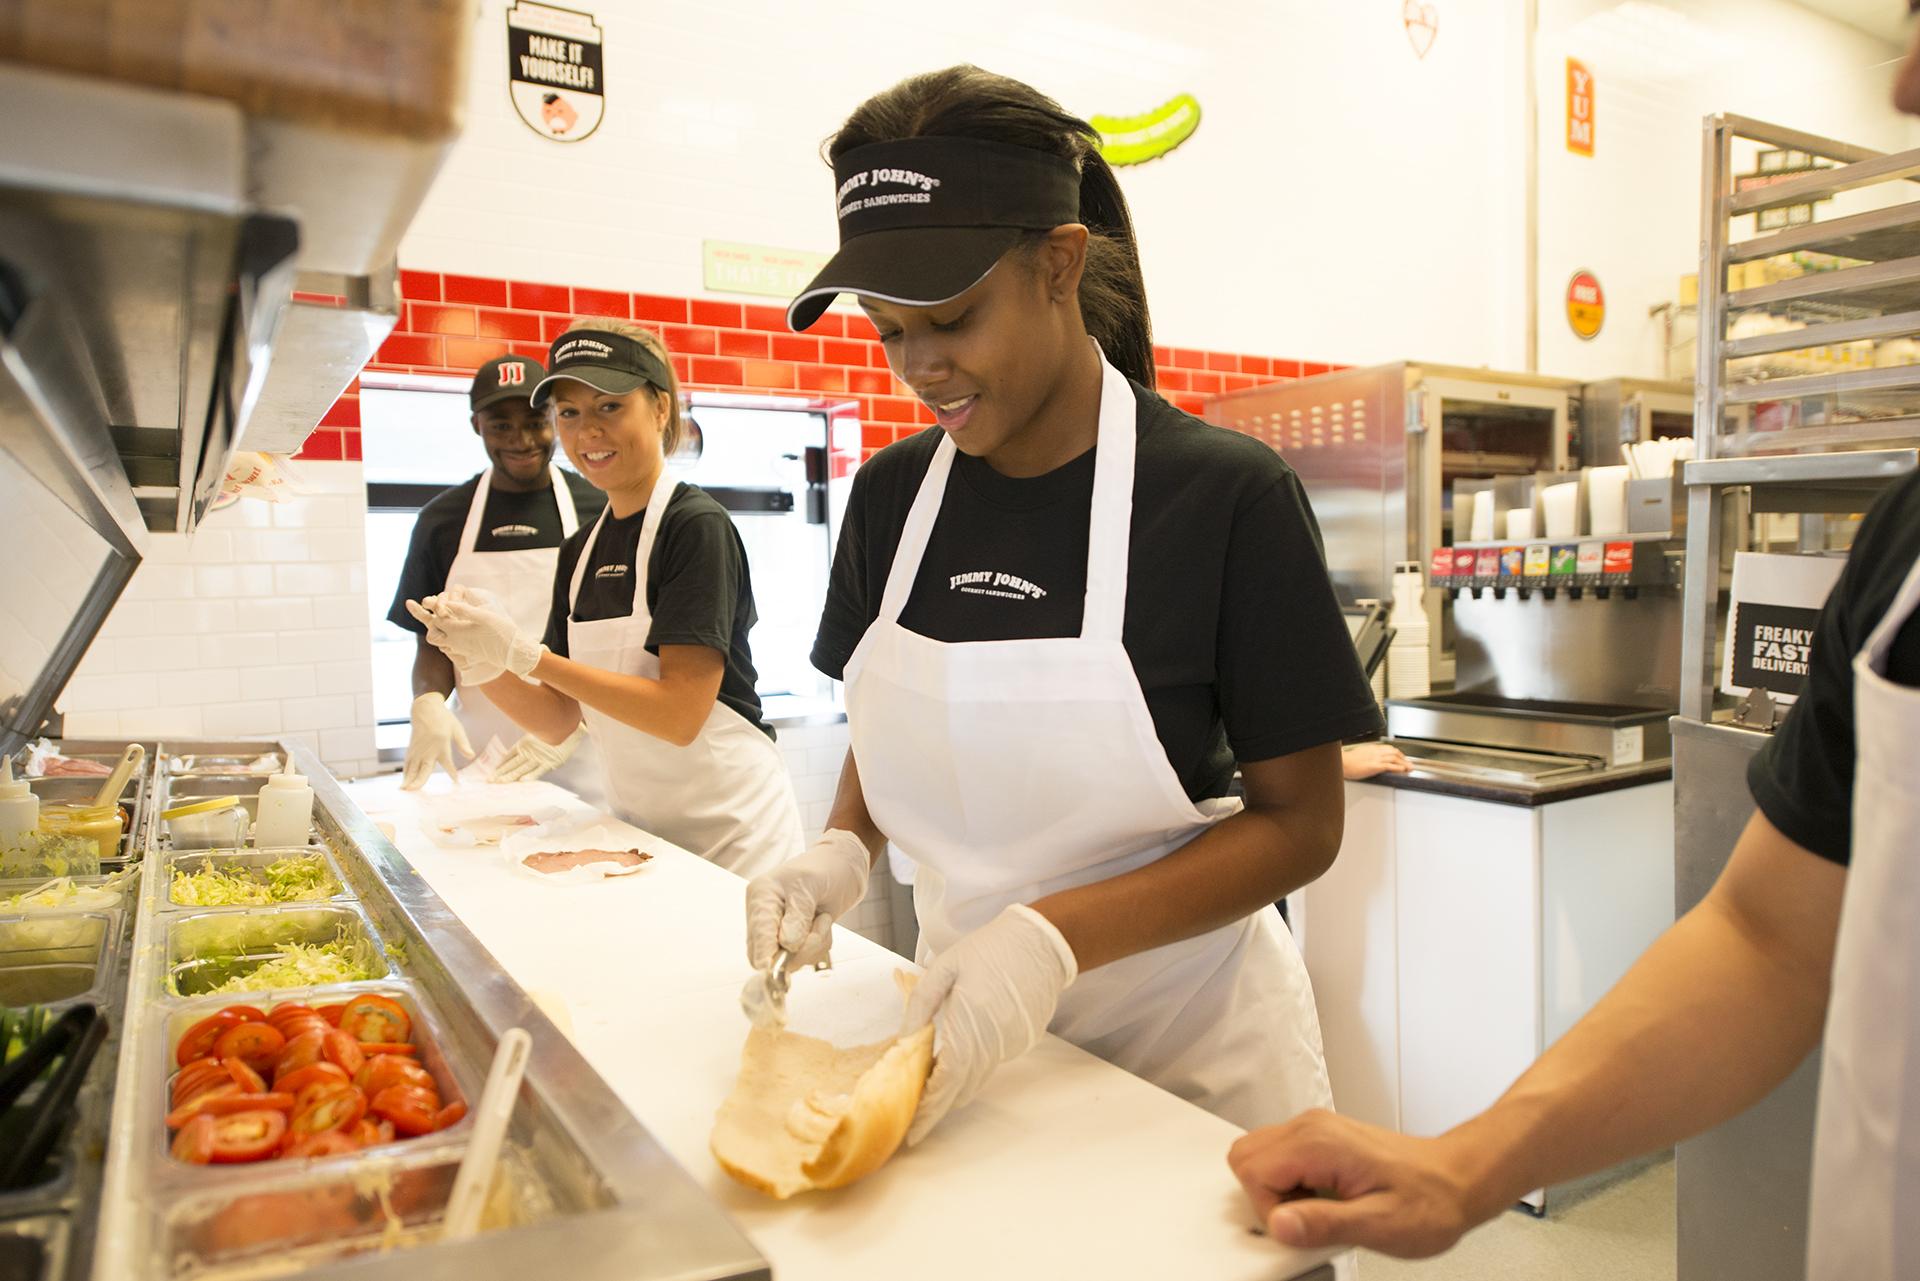 Fast Food Employee Boobs